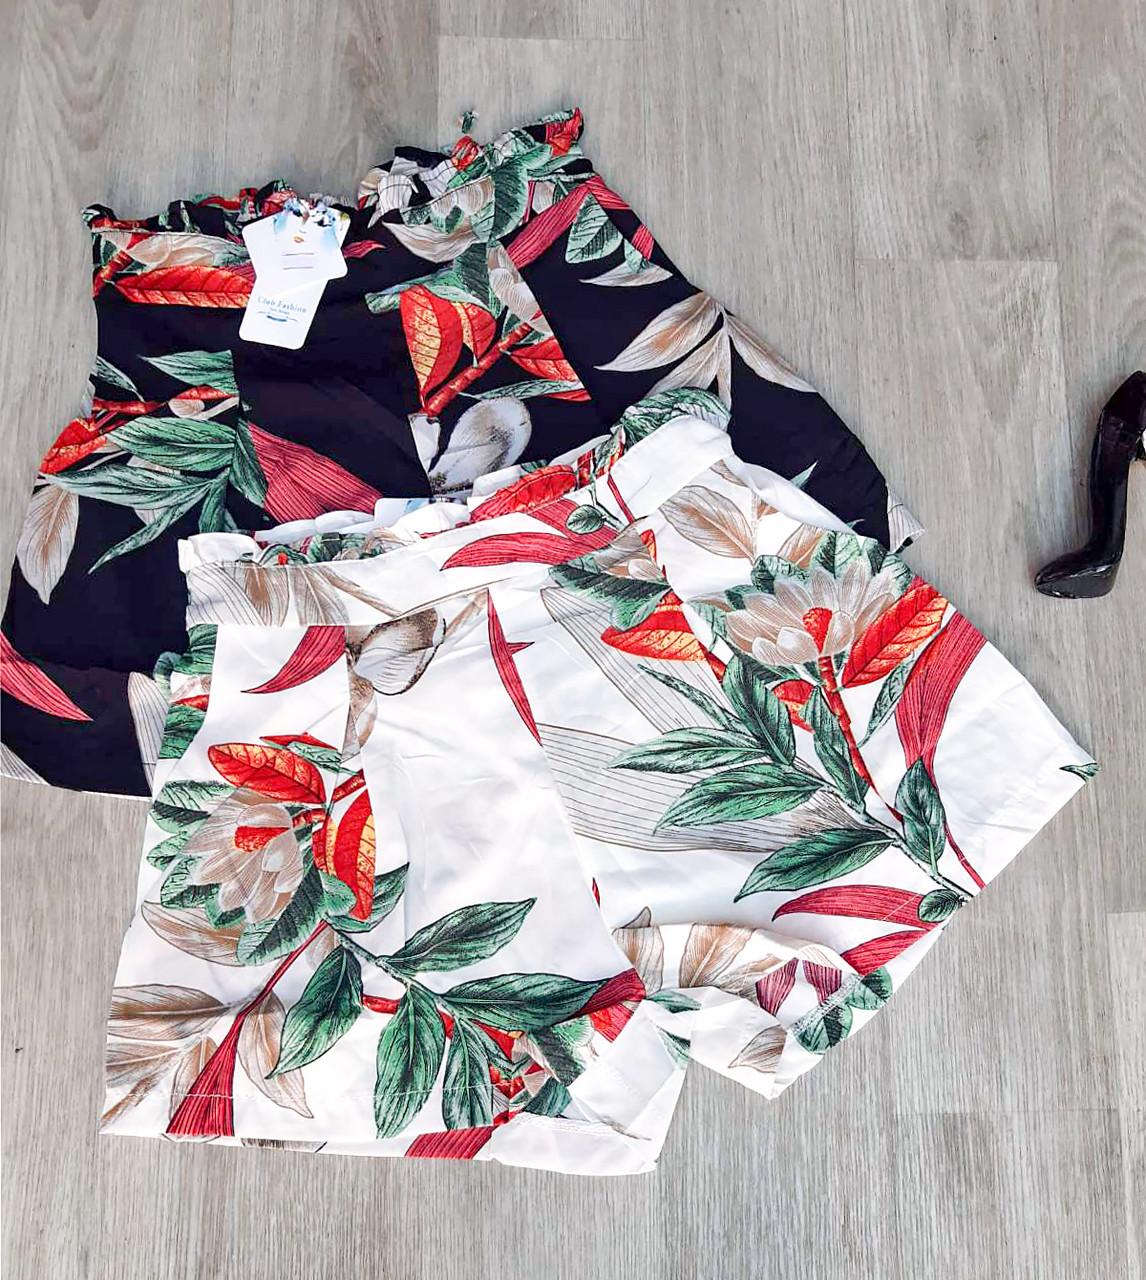 Стильні літні шорти жіночі 42-44 (в кольорах)